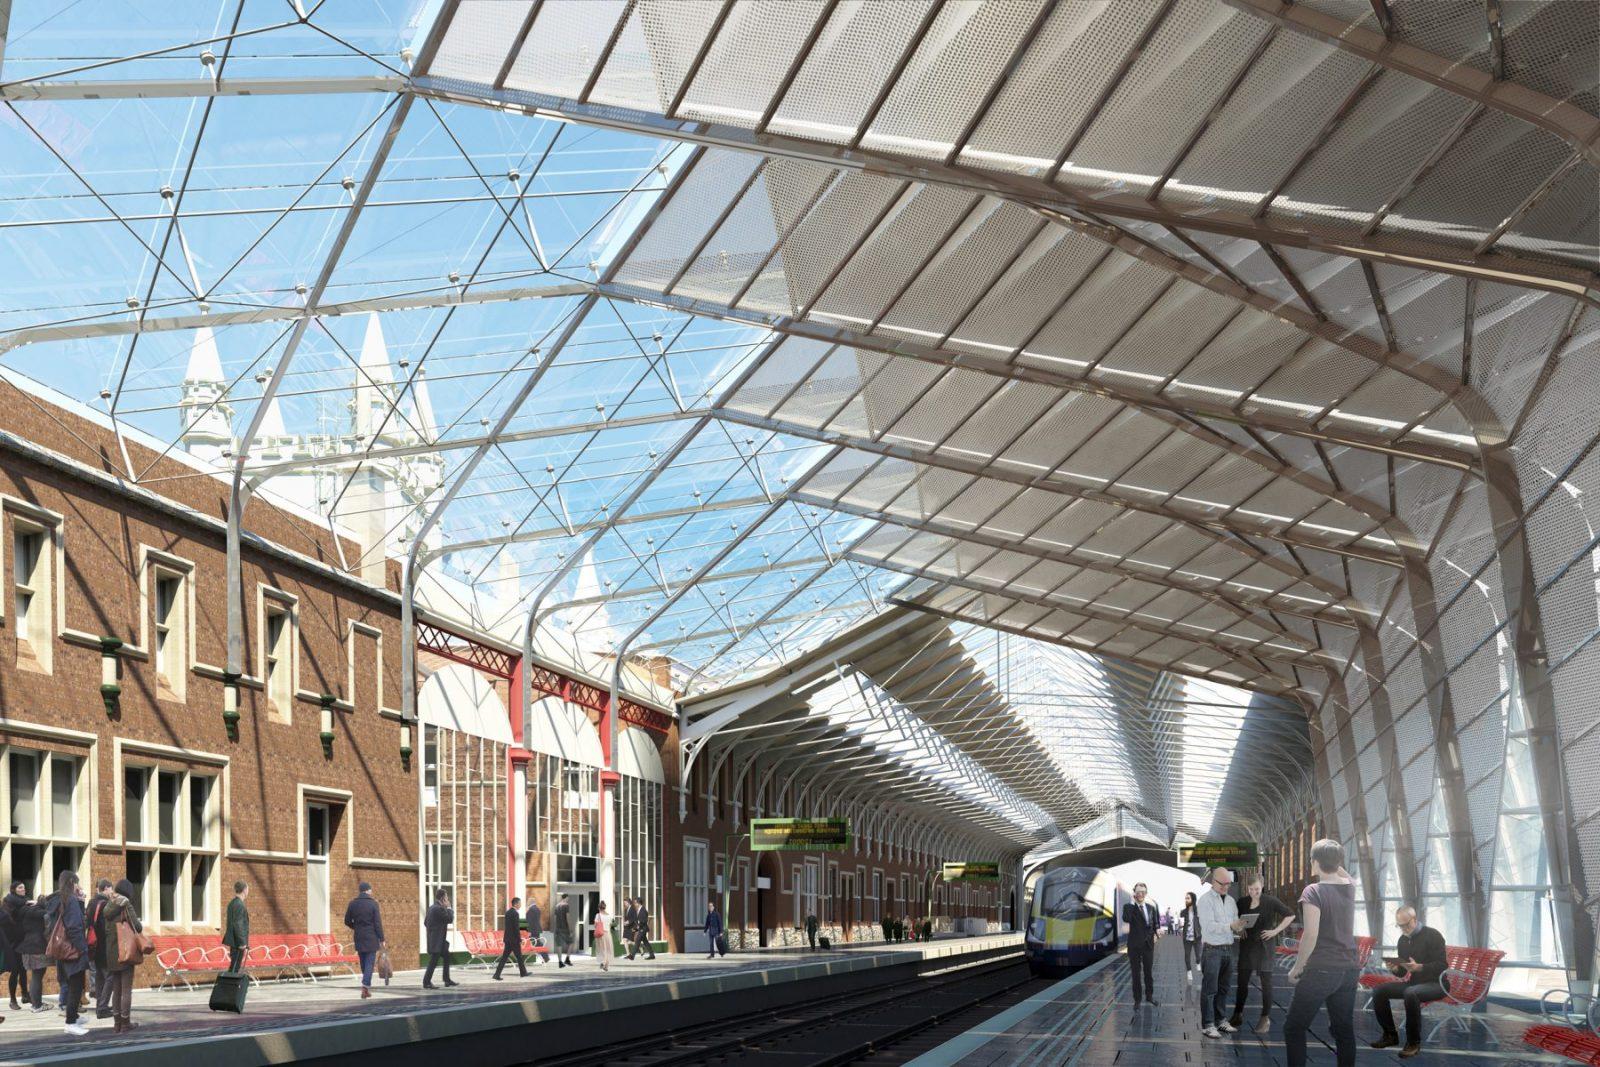 bristol temple meads regeneration london platform entrance canopy architects jersey architects3 1